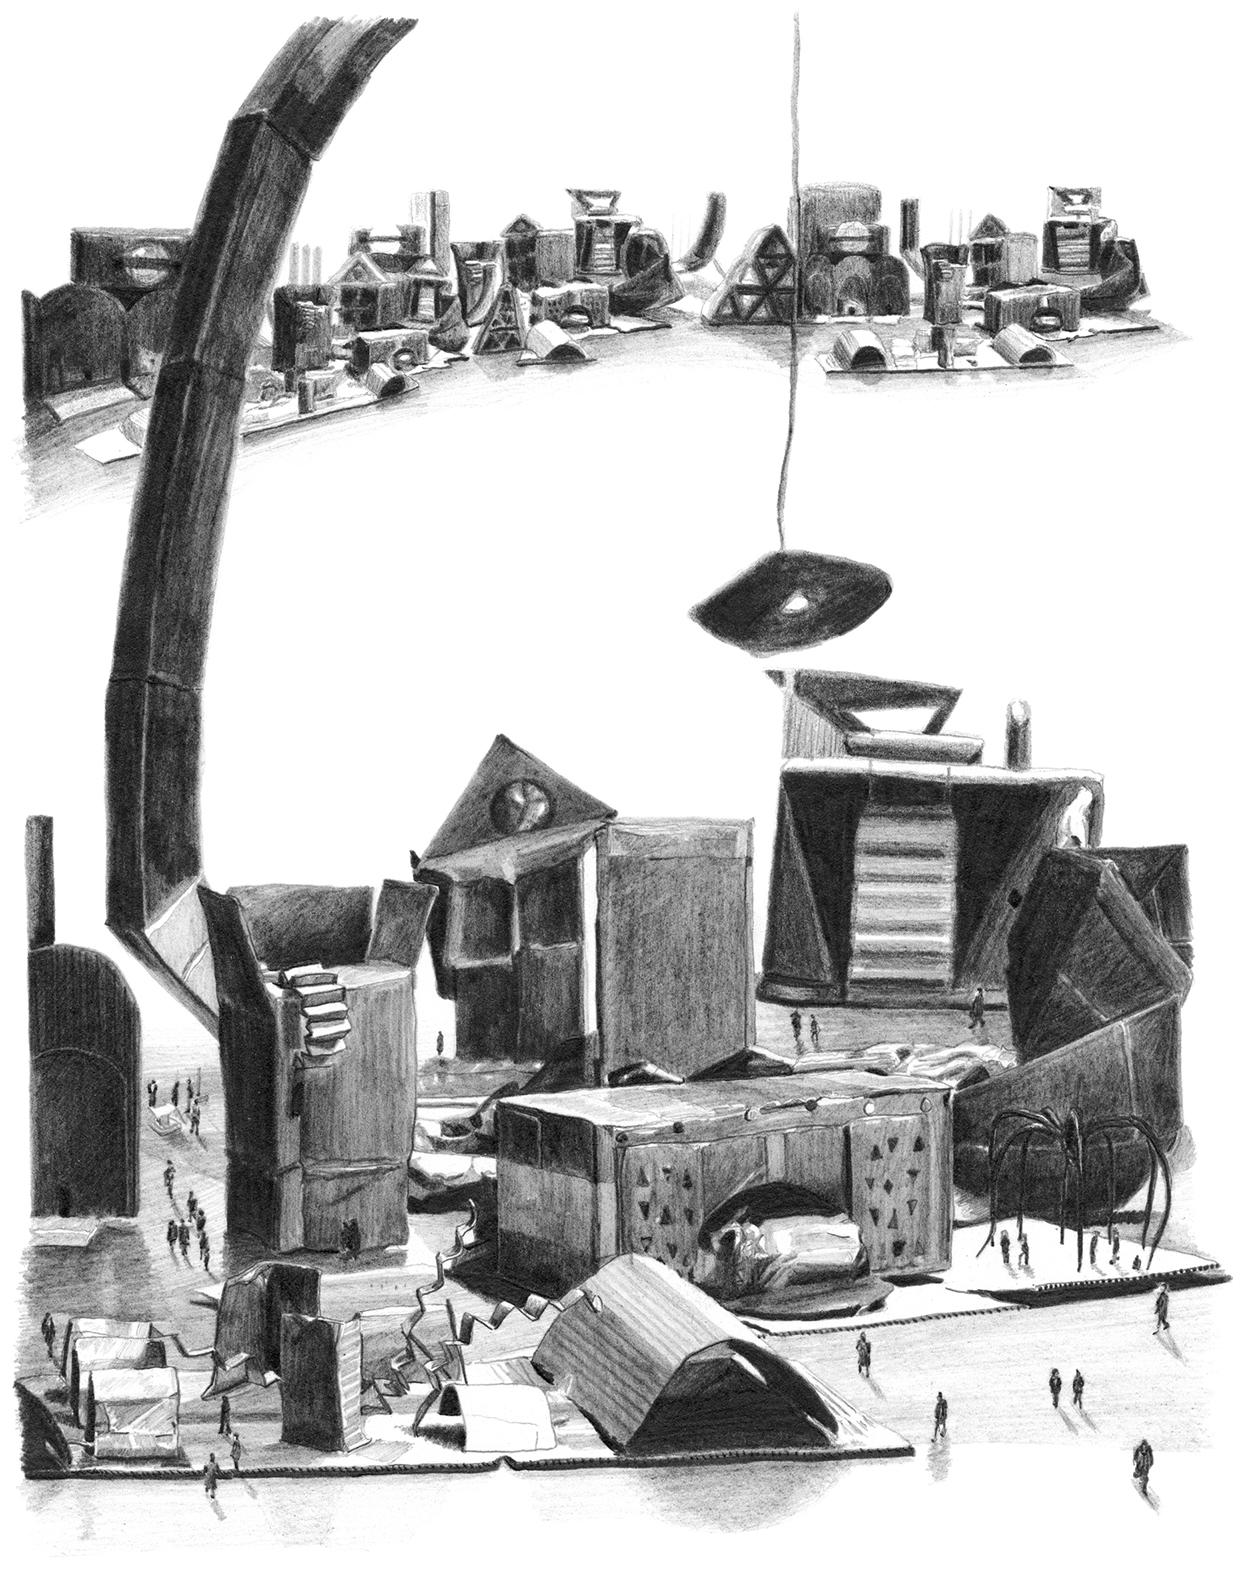 Jessie Brennan_Impossible Buildings_2009_graphite on paper.jpg